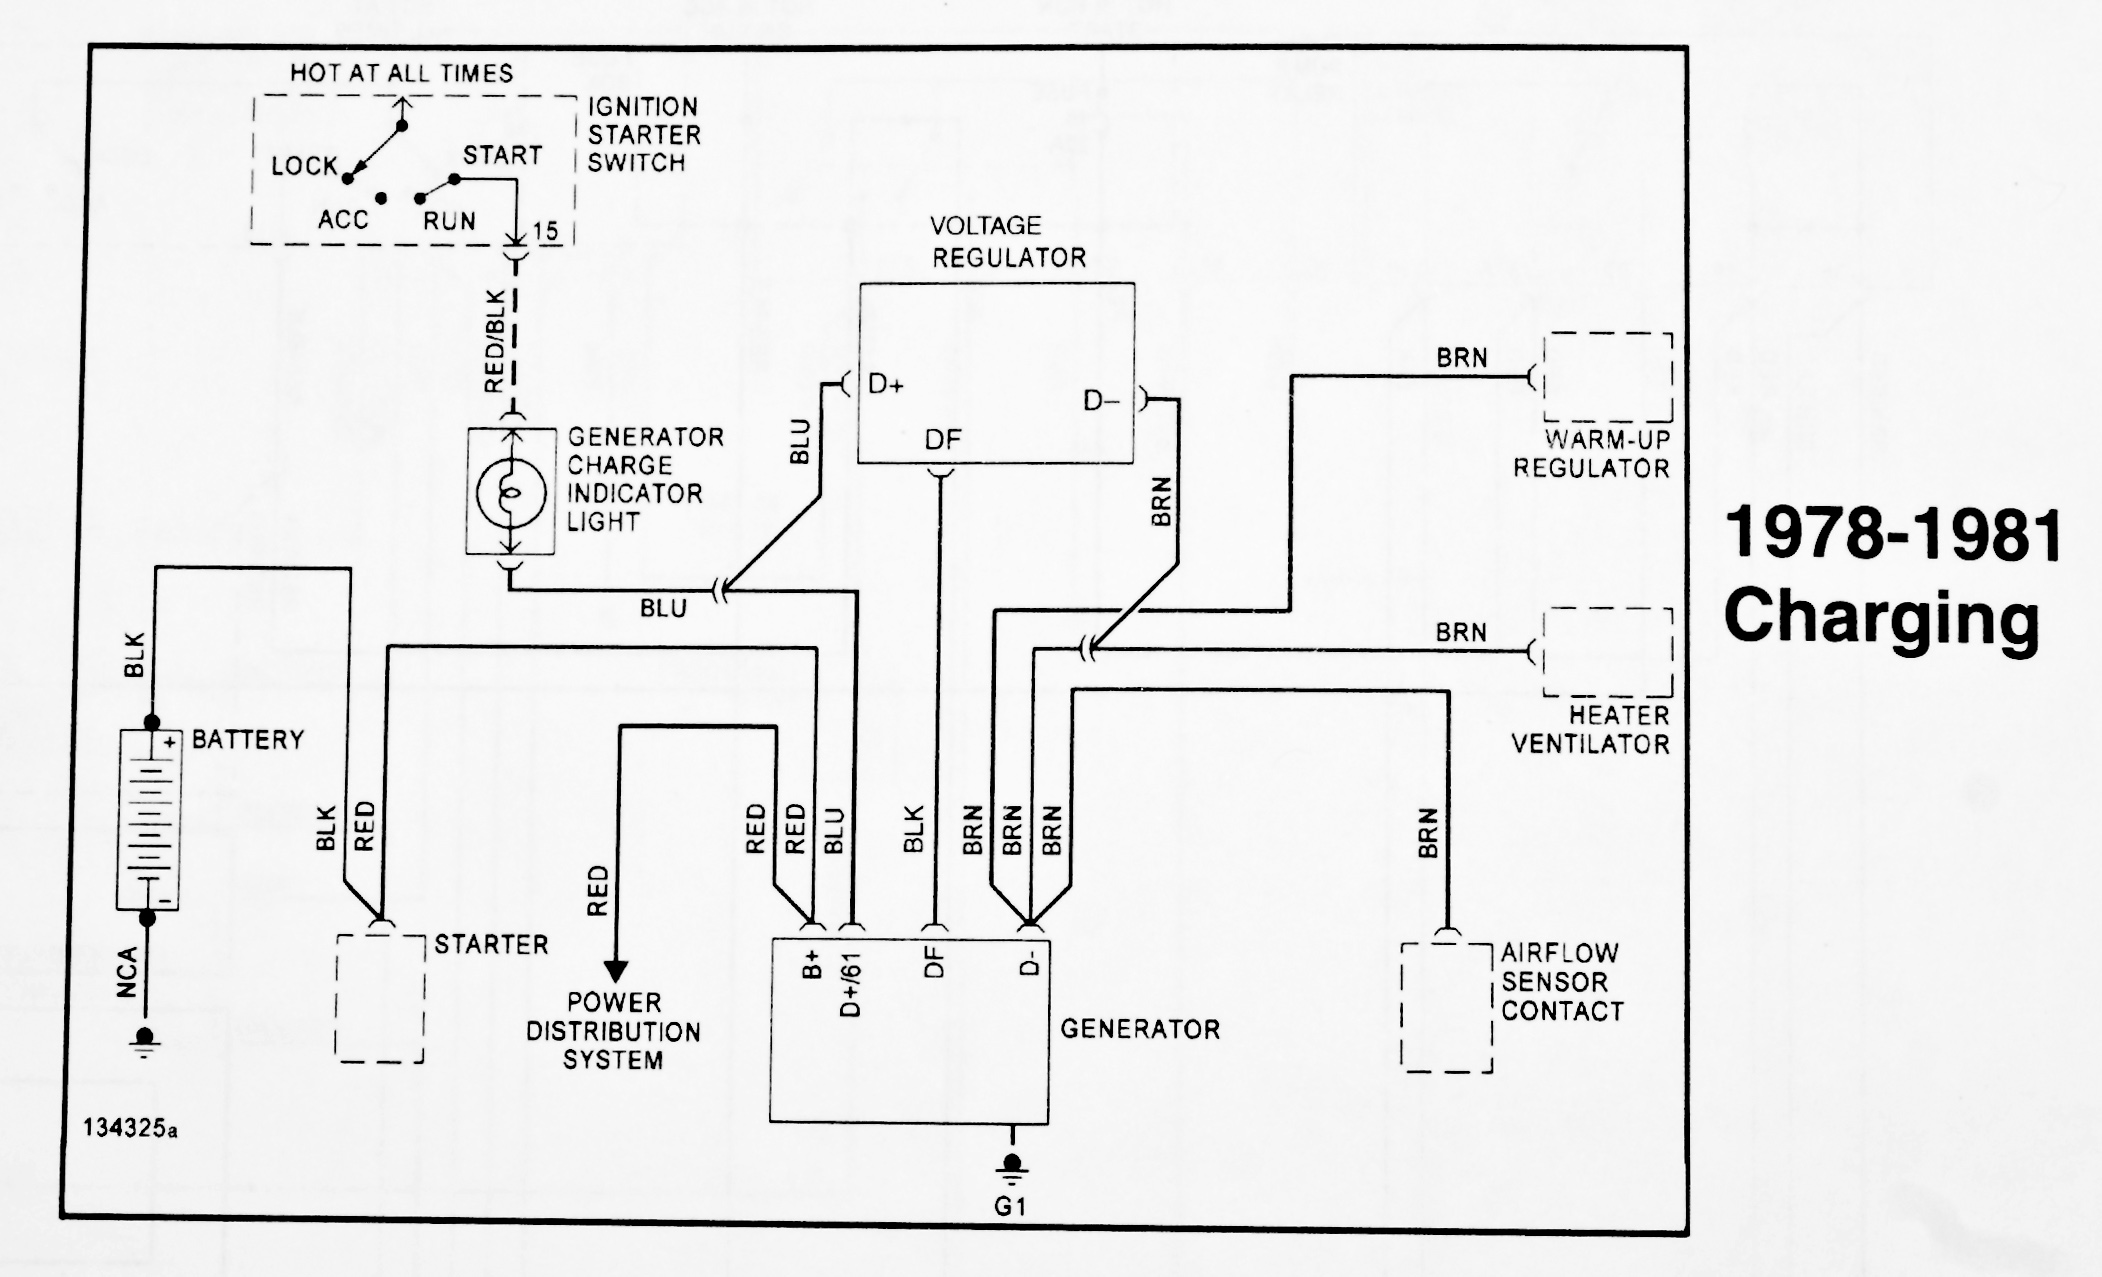 [SCHEMATICS_4ER]  Porsche 911 Starter Wiring Diagram 2004 Hyundai Santa Fe Wiring Diagrams -  bintuhan.kucing-garong-2.sardaracomunitaospitale.it | 1984 Porsche 911 Carrera Fuse Diagram |  | Wiring Diagram and Schematics